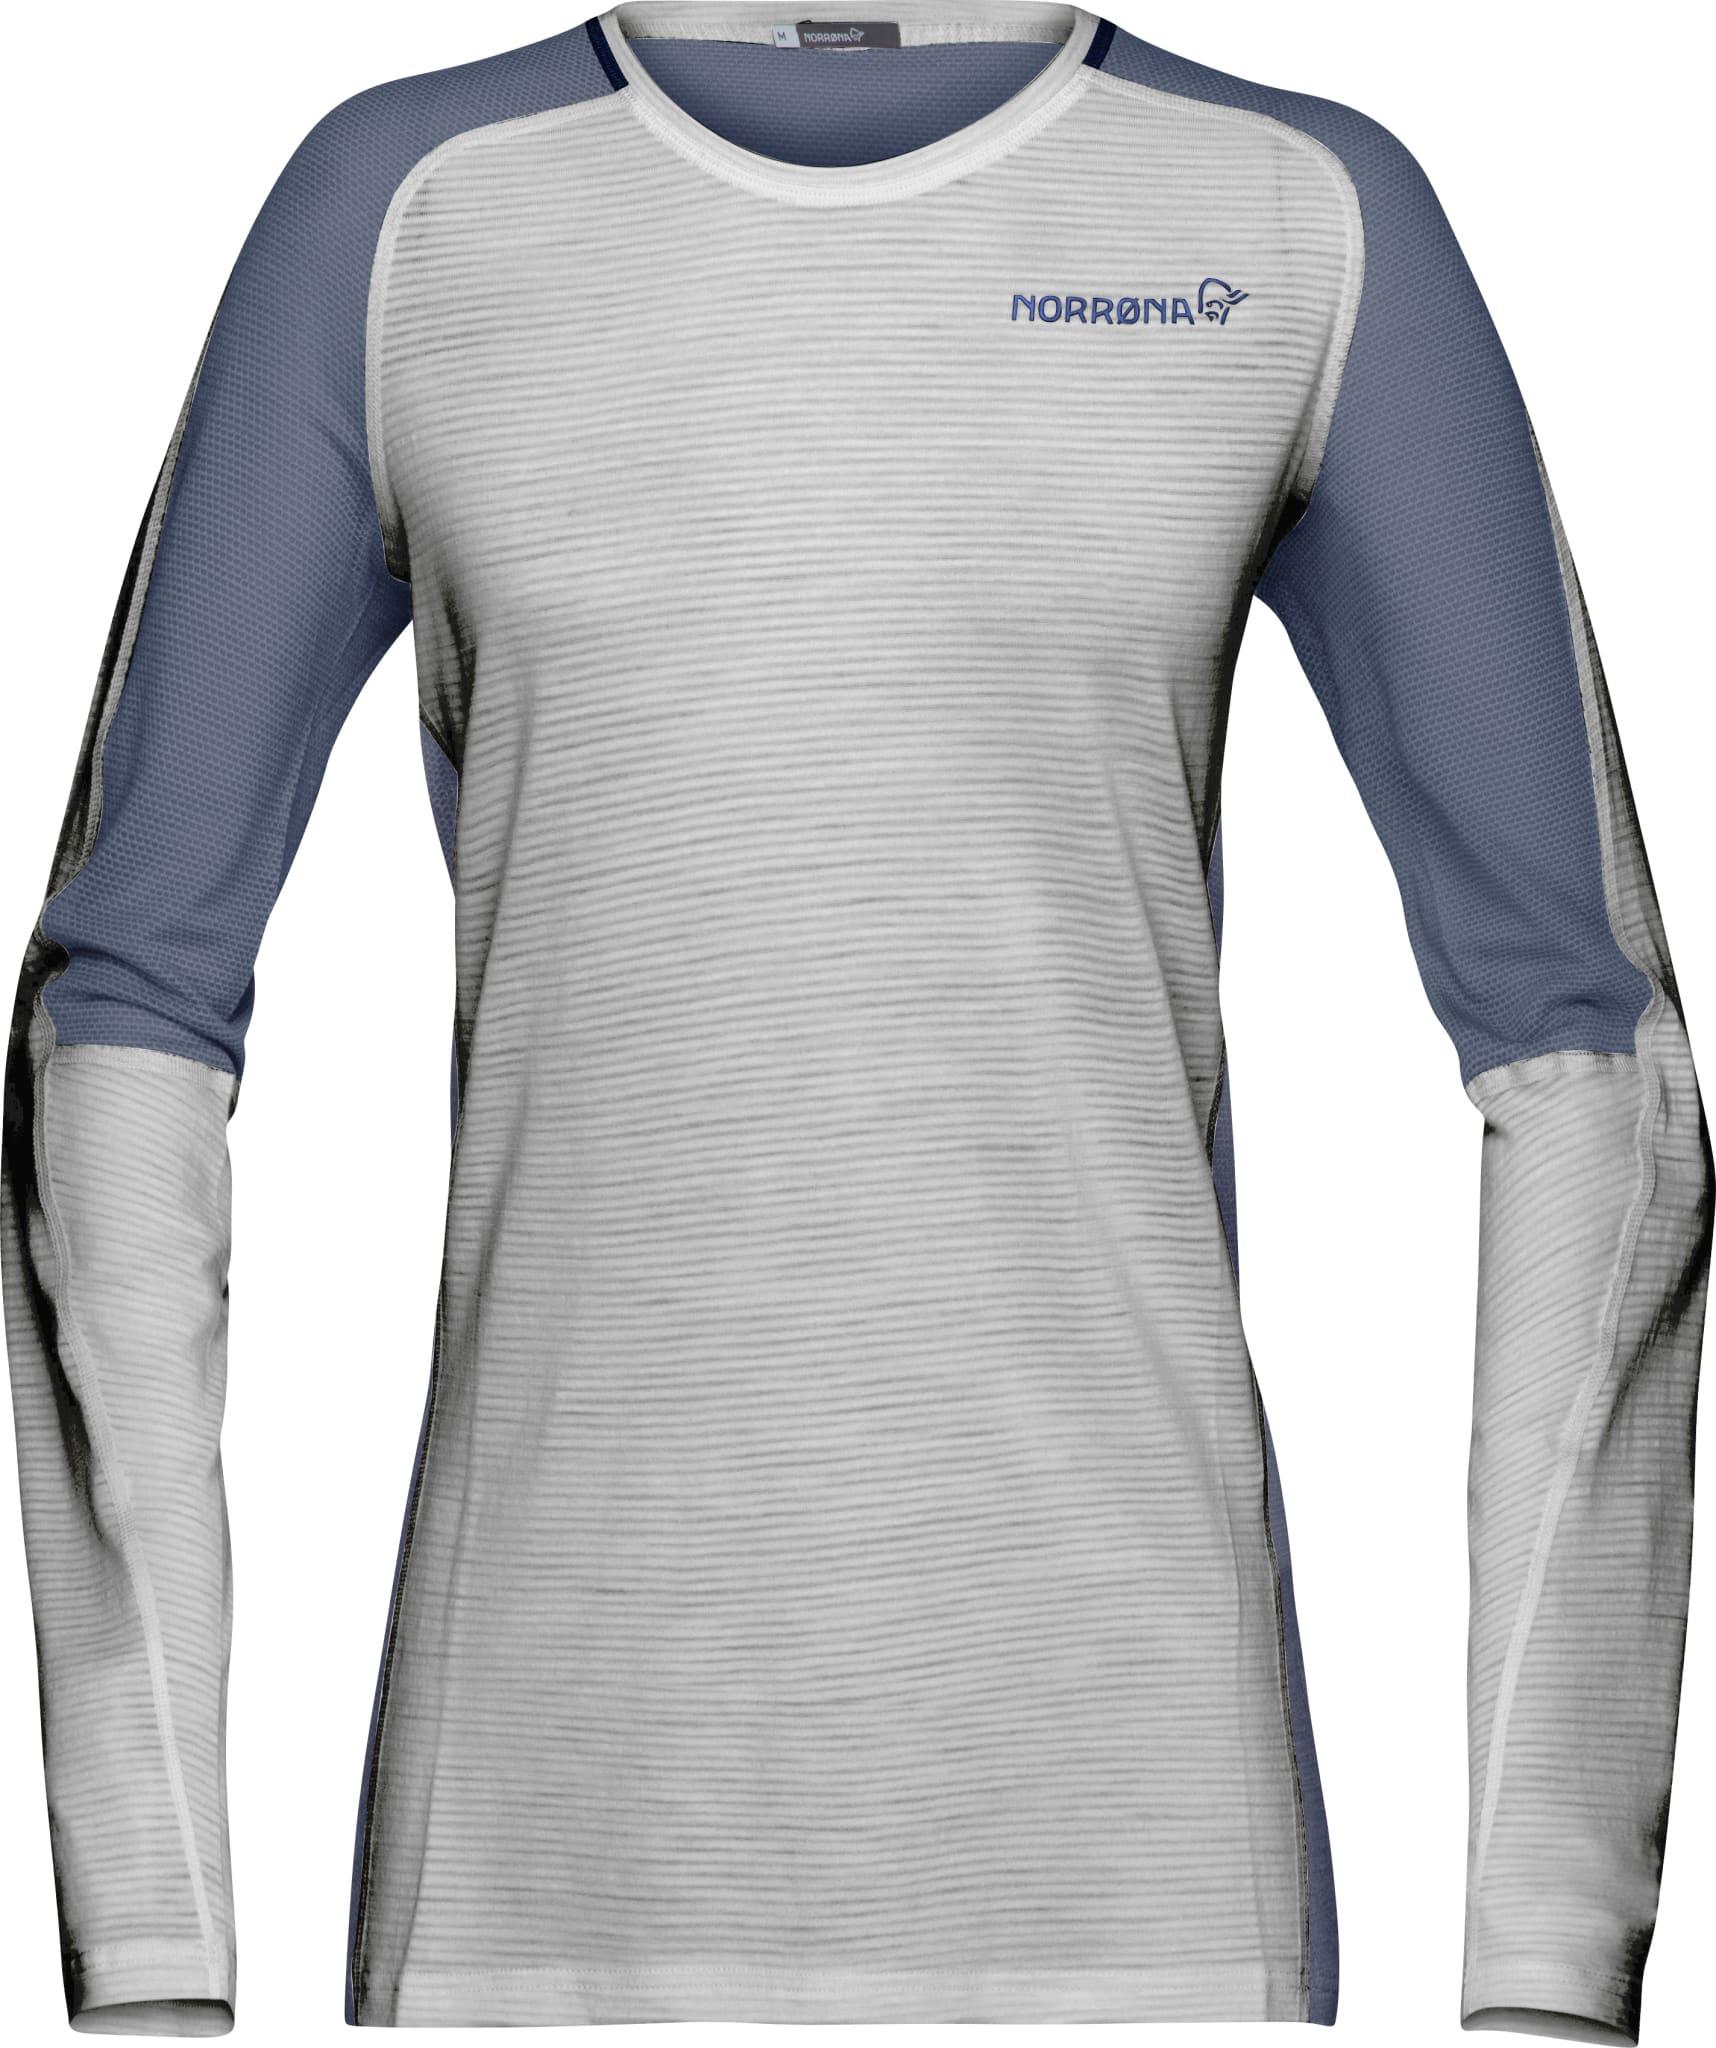 Bitihorn Wool Shirt W